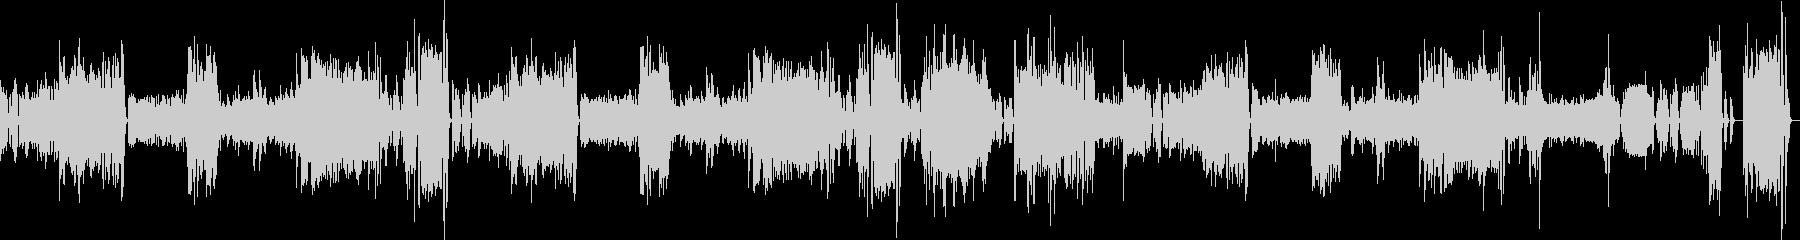 ベートーヴェンピアノソナタ第三番第一章の未再生の波形